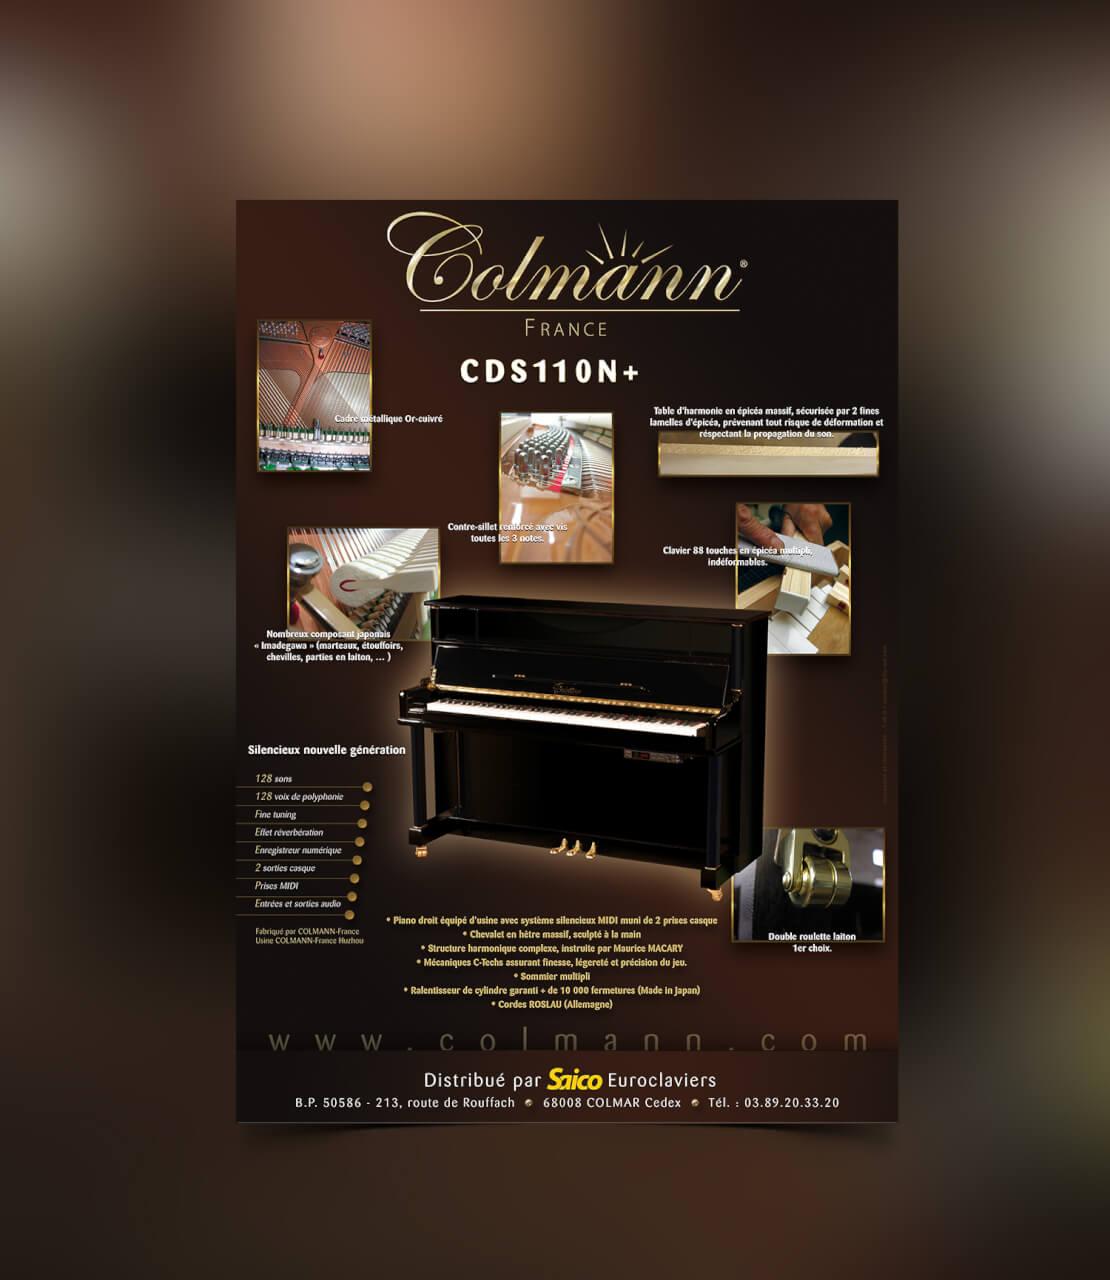 Fiche produit Pianos Colmann France